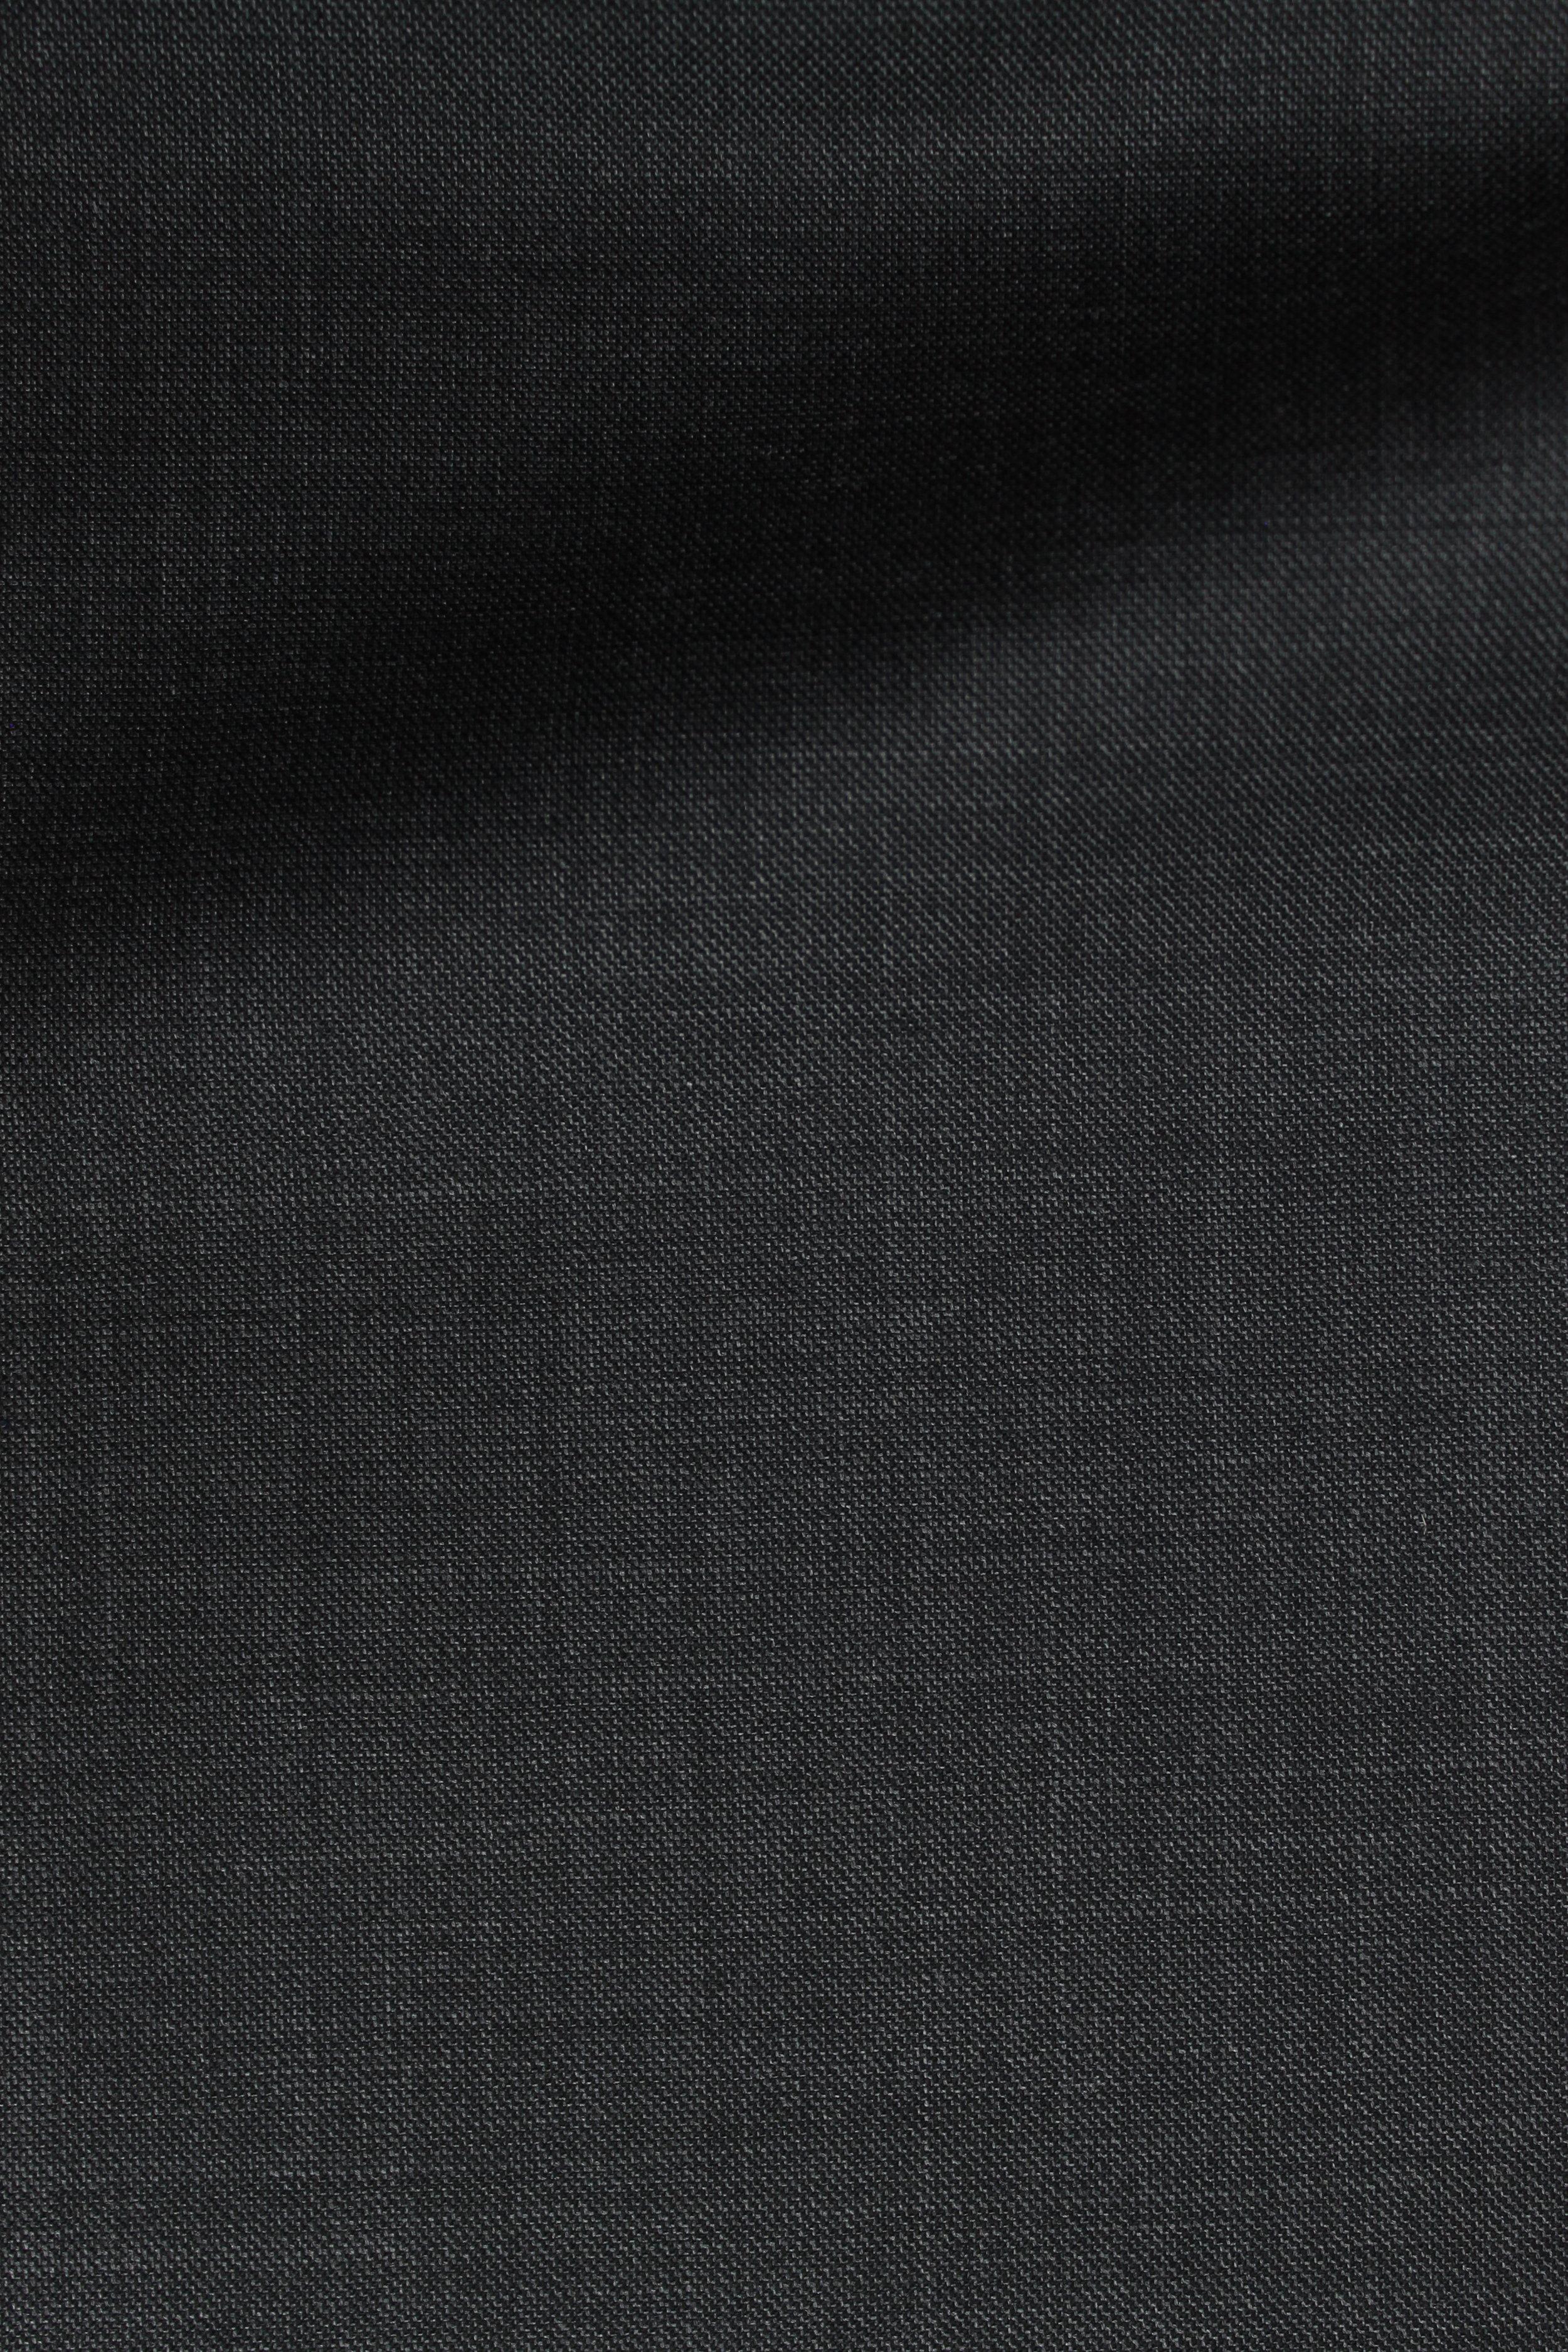 7536 Charcoal Grey Angle Textured 280g.JPG